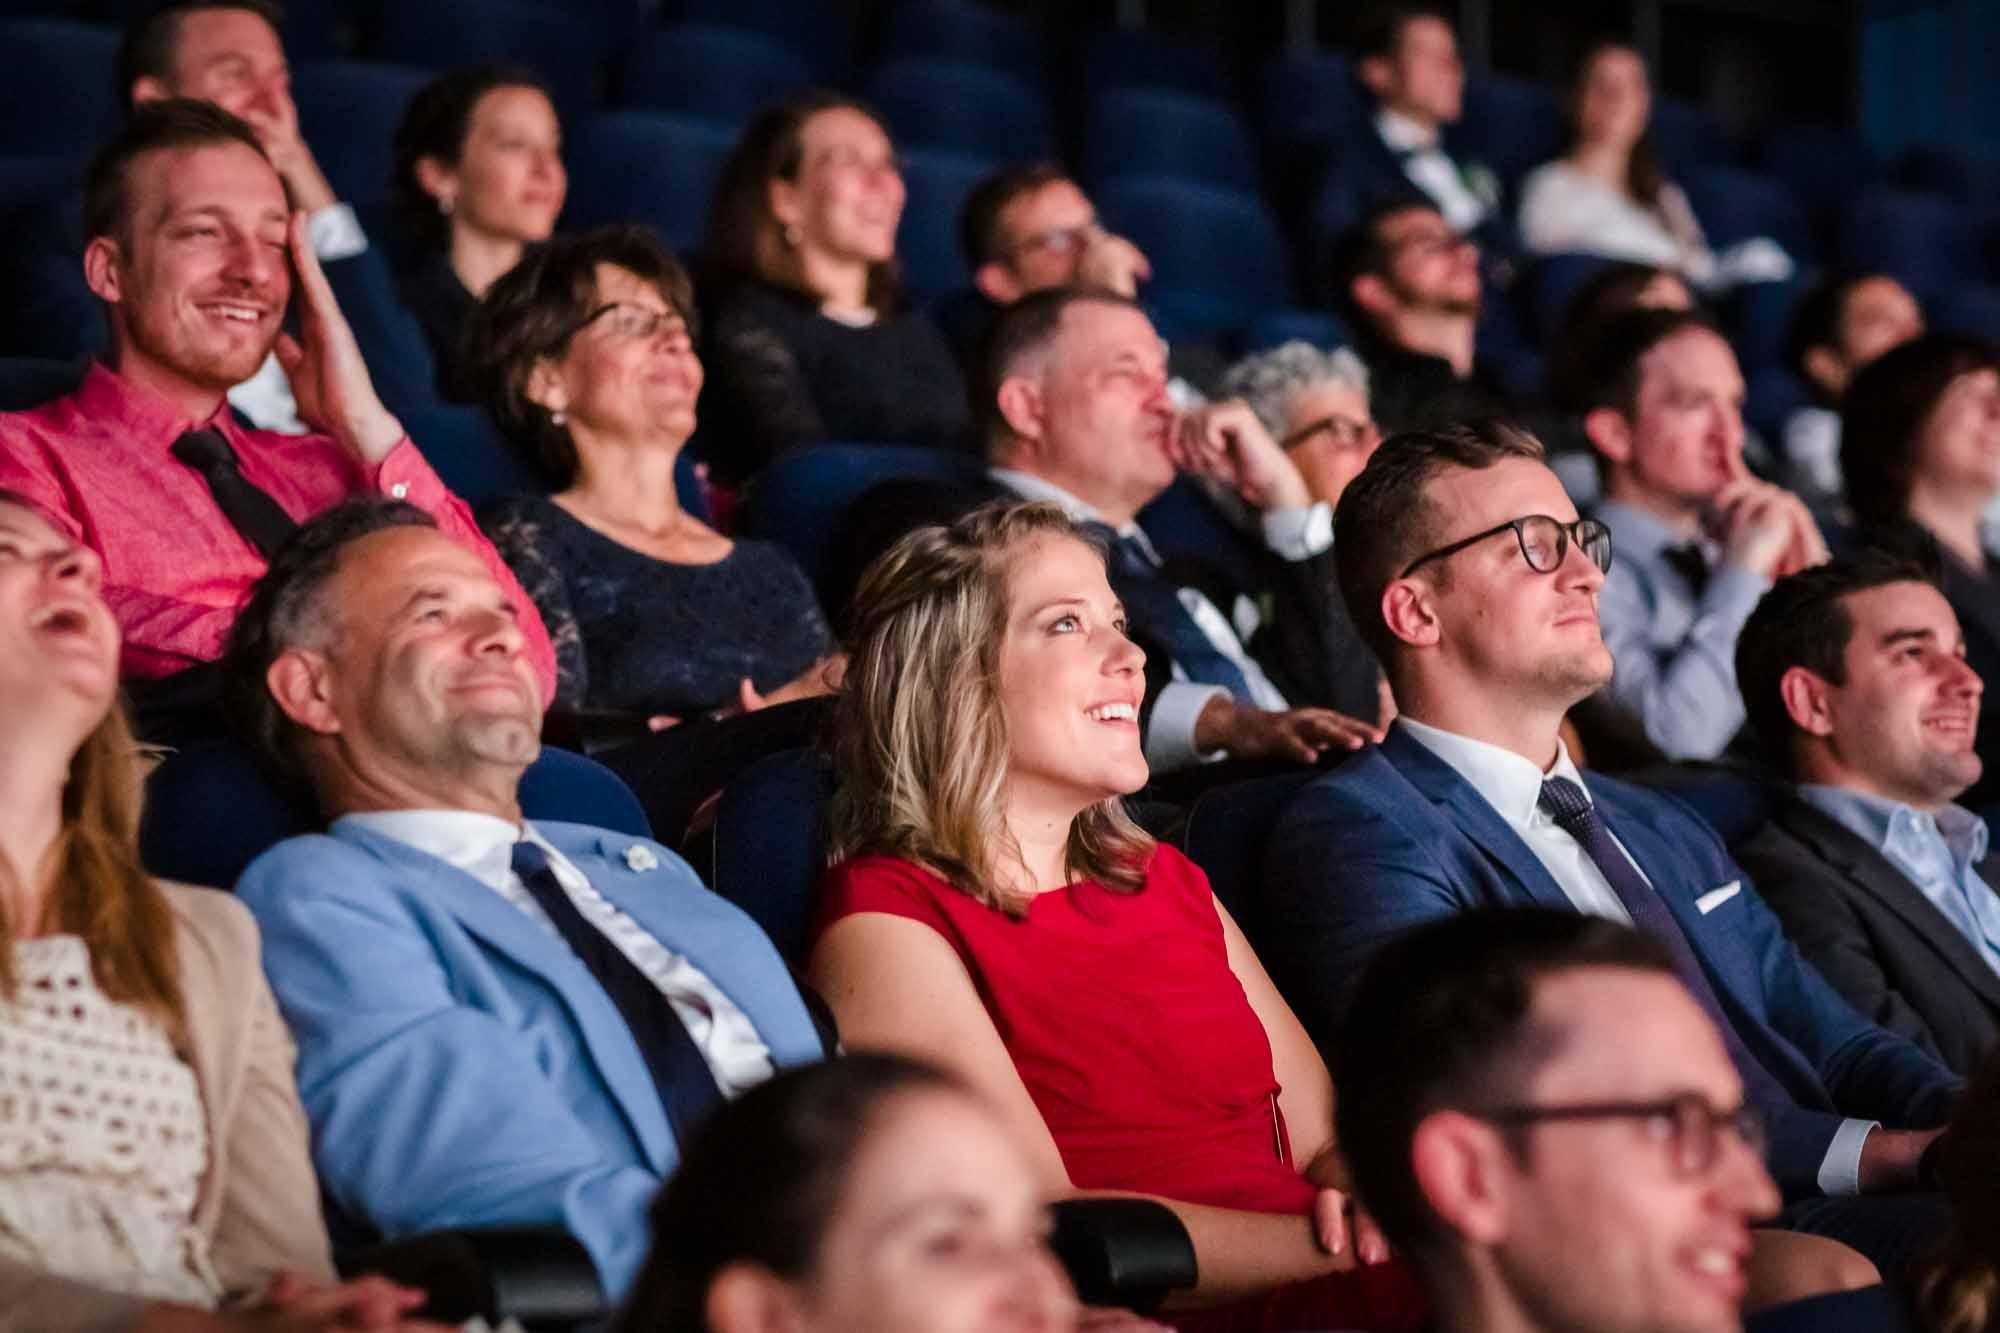 Hochzeitsgäste lachen während IMAX Film